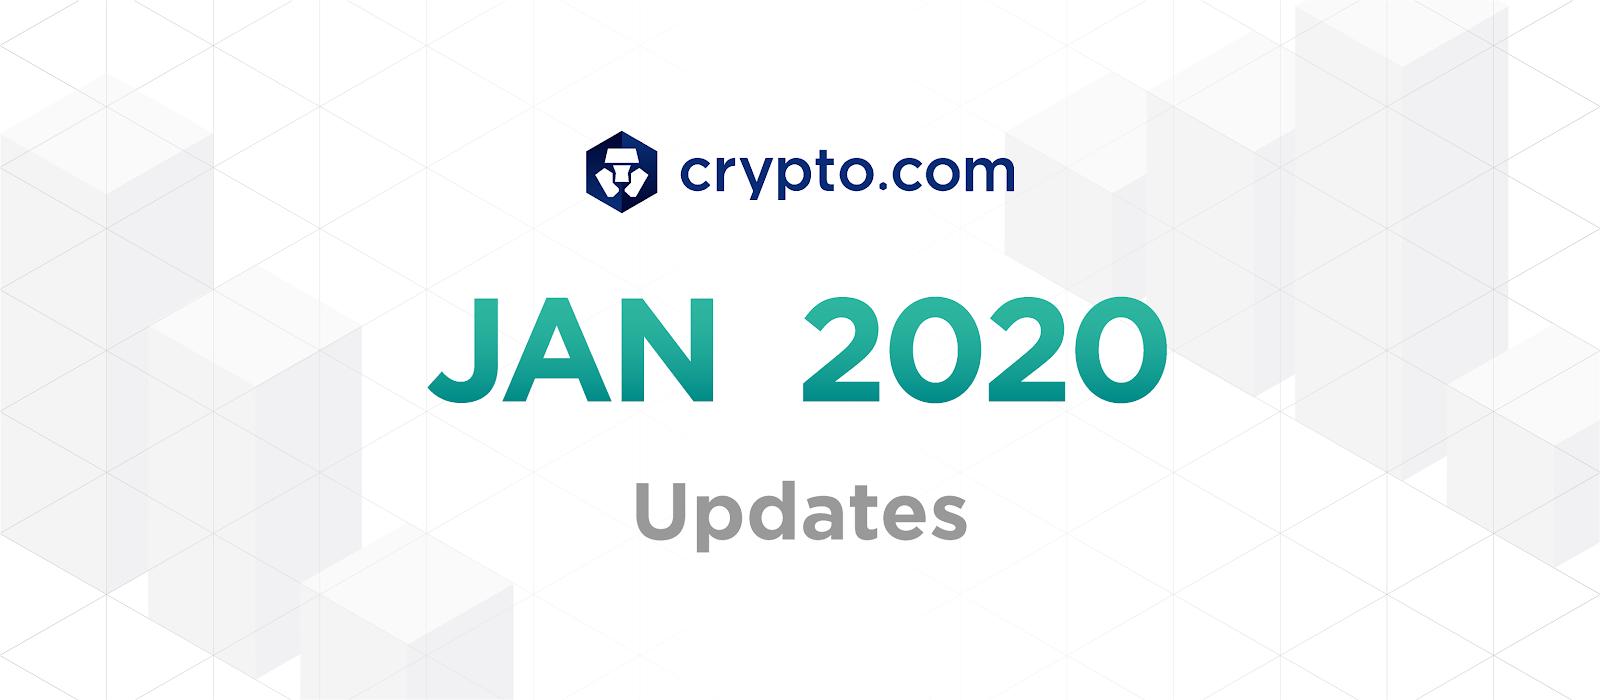 new to bitcoin start here